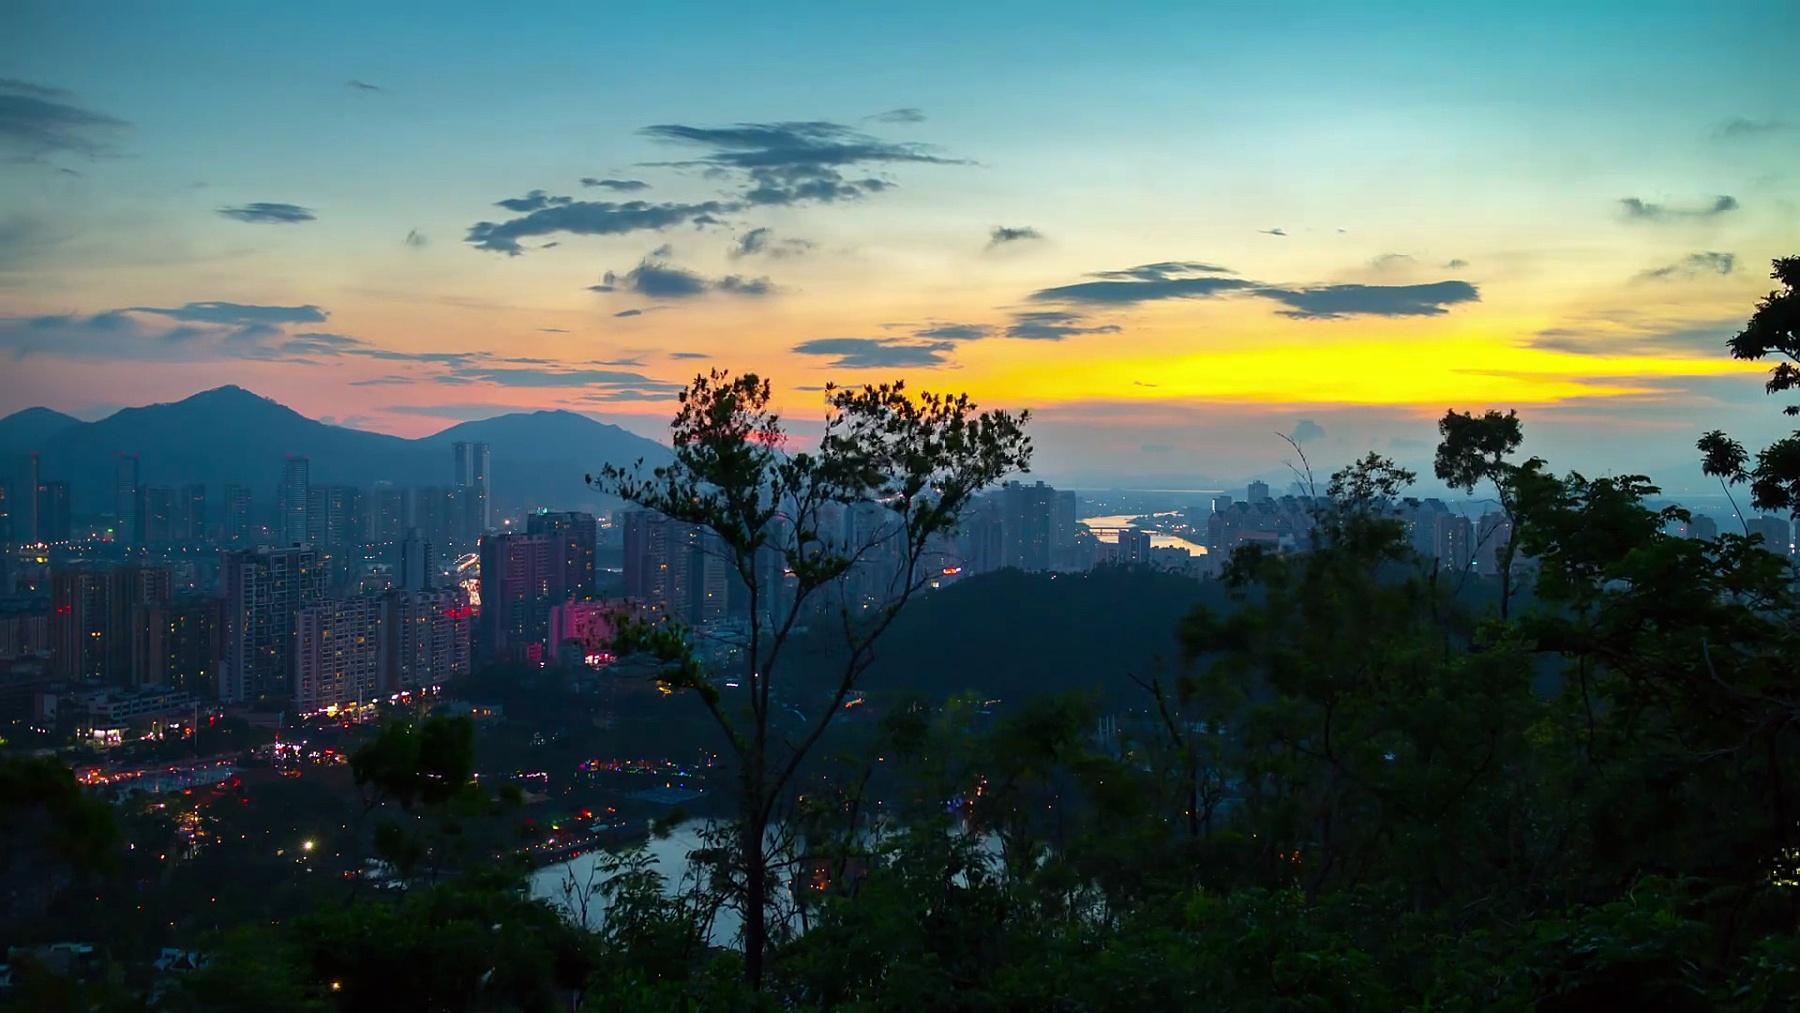 中国日落珠海名山公园顶城市景观全景  timelapse